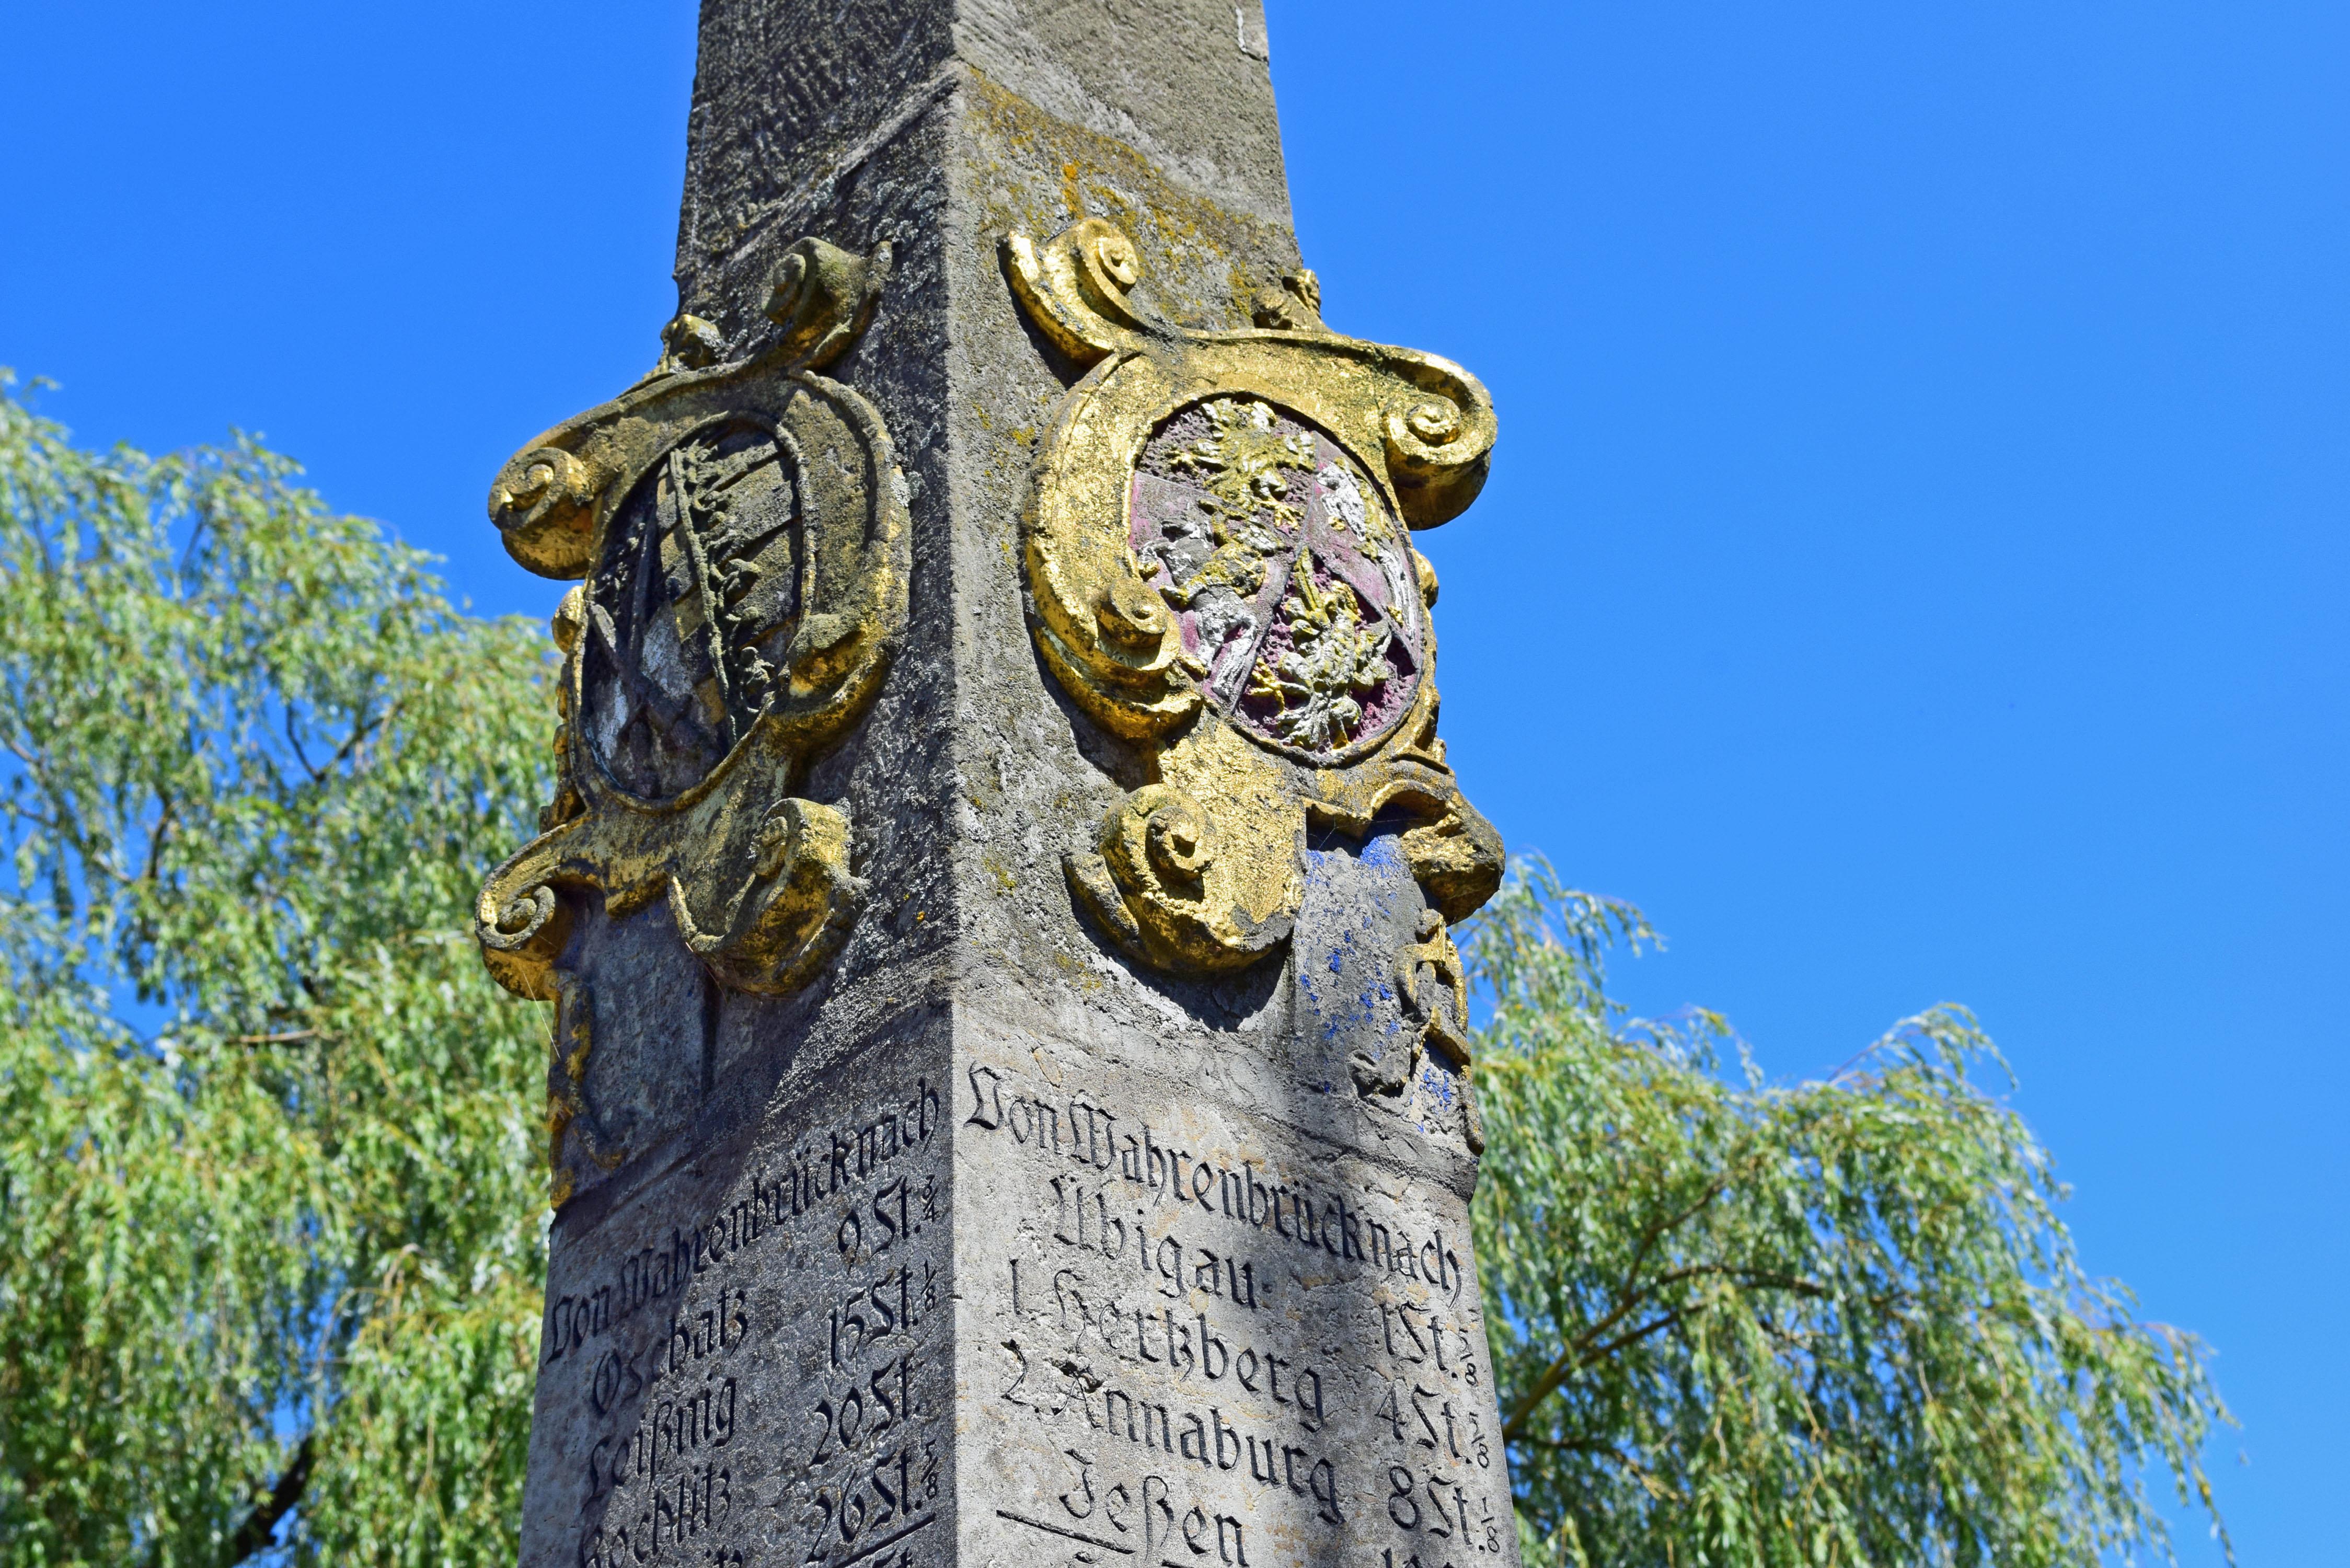 Sächsische Postmeilensäule aus dem Jahre 1703 in Wahrenbrück, Landkreis Elbe Elster in Brandenburg, mit kurfürstlichem Wappen und der Angabe der Postlaufzeiten zu den einzelnen Zielorten